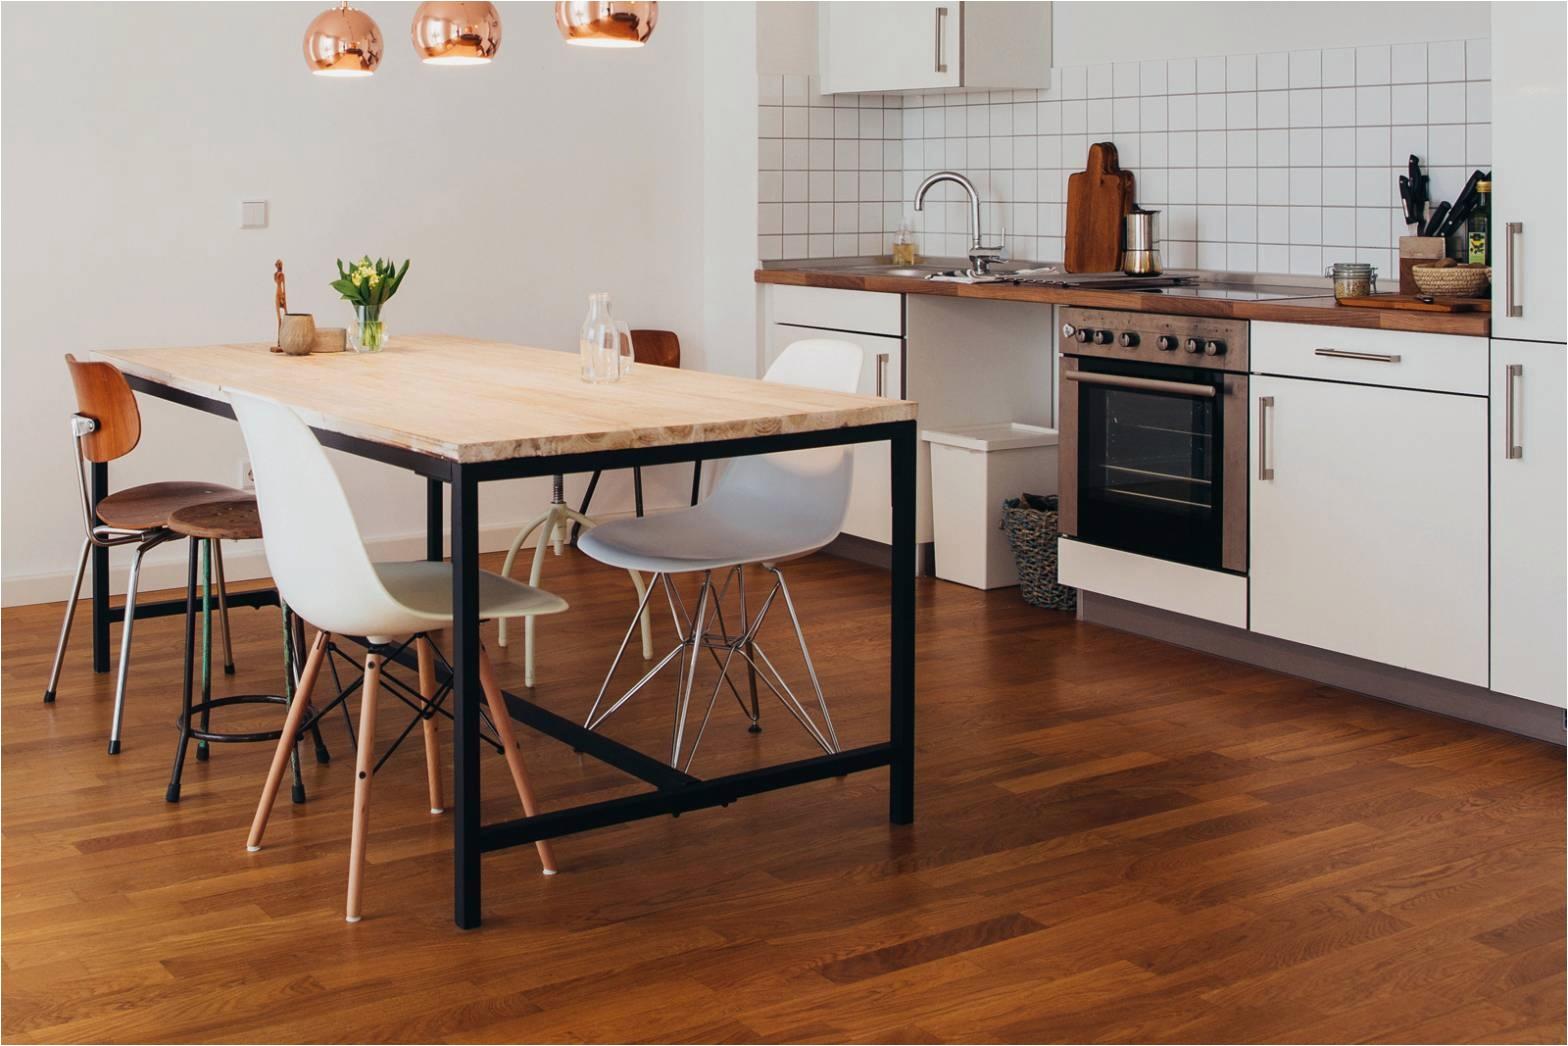 kitchen flooring materials best kitchen floor material inspirational kitchen floors best kitchen  flooring materials house MVJWIVC